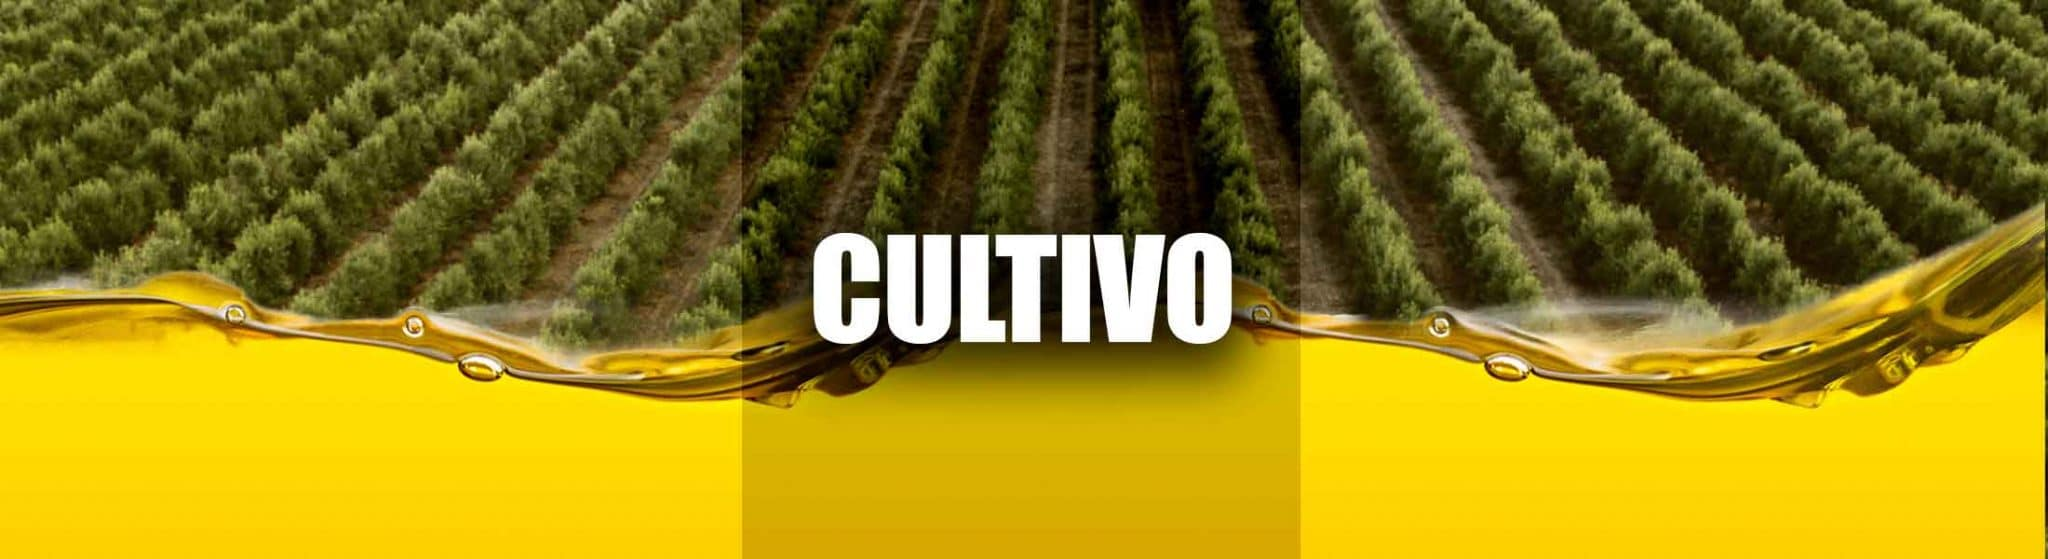 cultivo del olivo